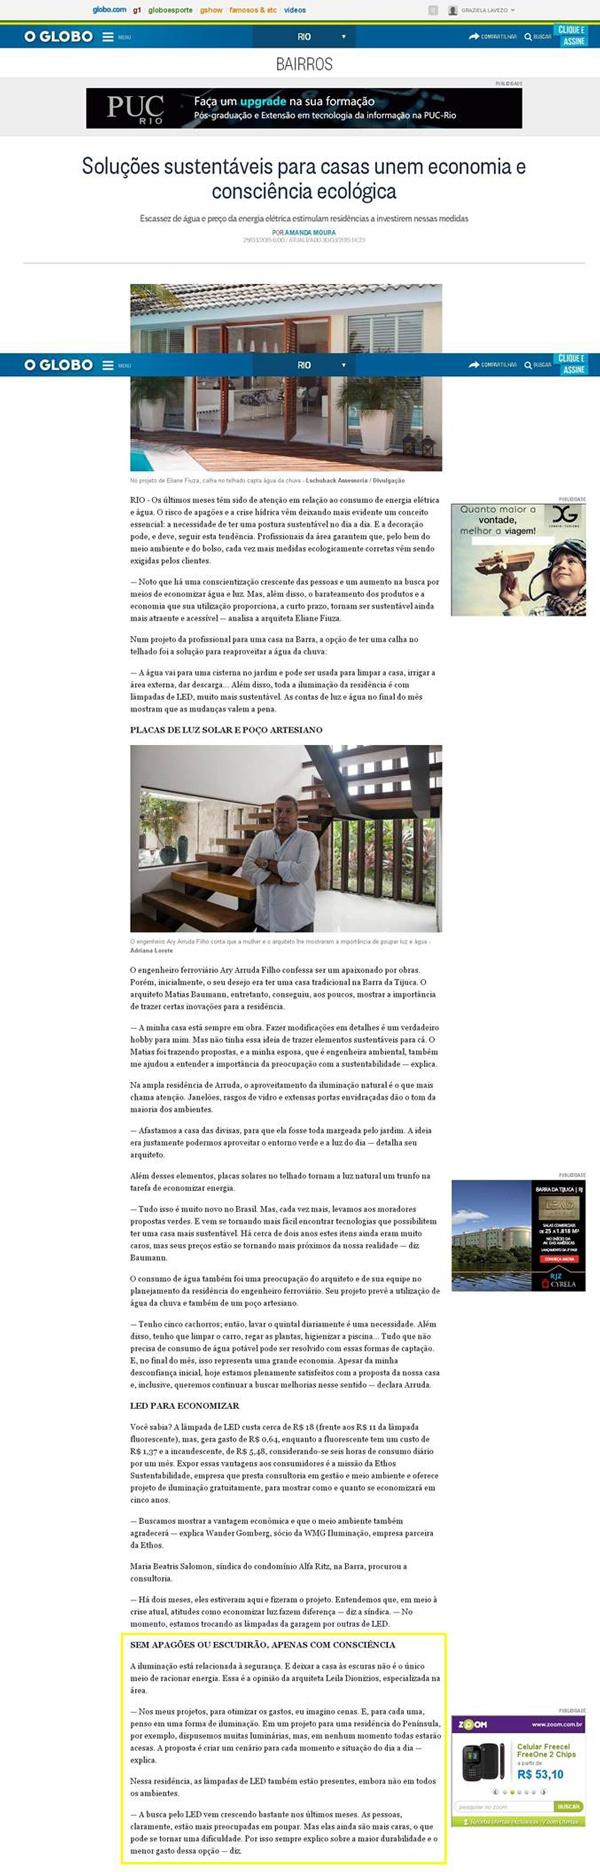 Jornal O Globo | Leila Dionizios Arquitetura e Luminotécnica